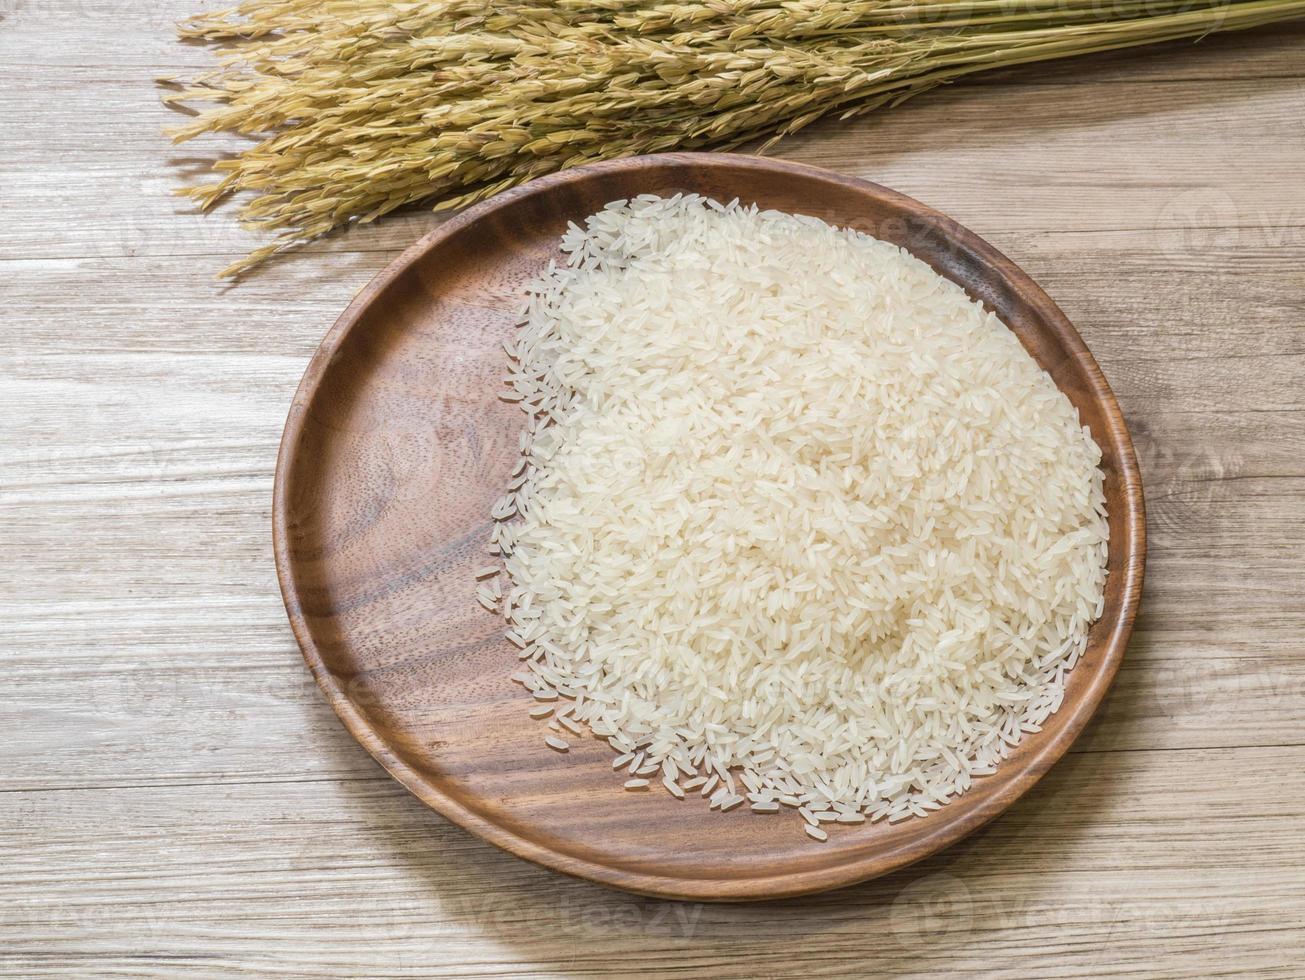 riz blanc sur la plaque en bois et plant de riz photo